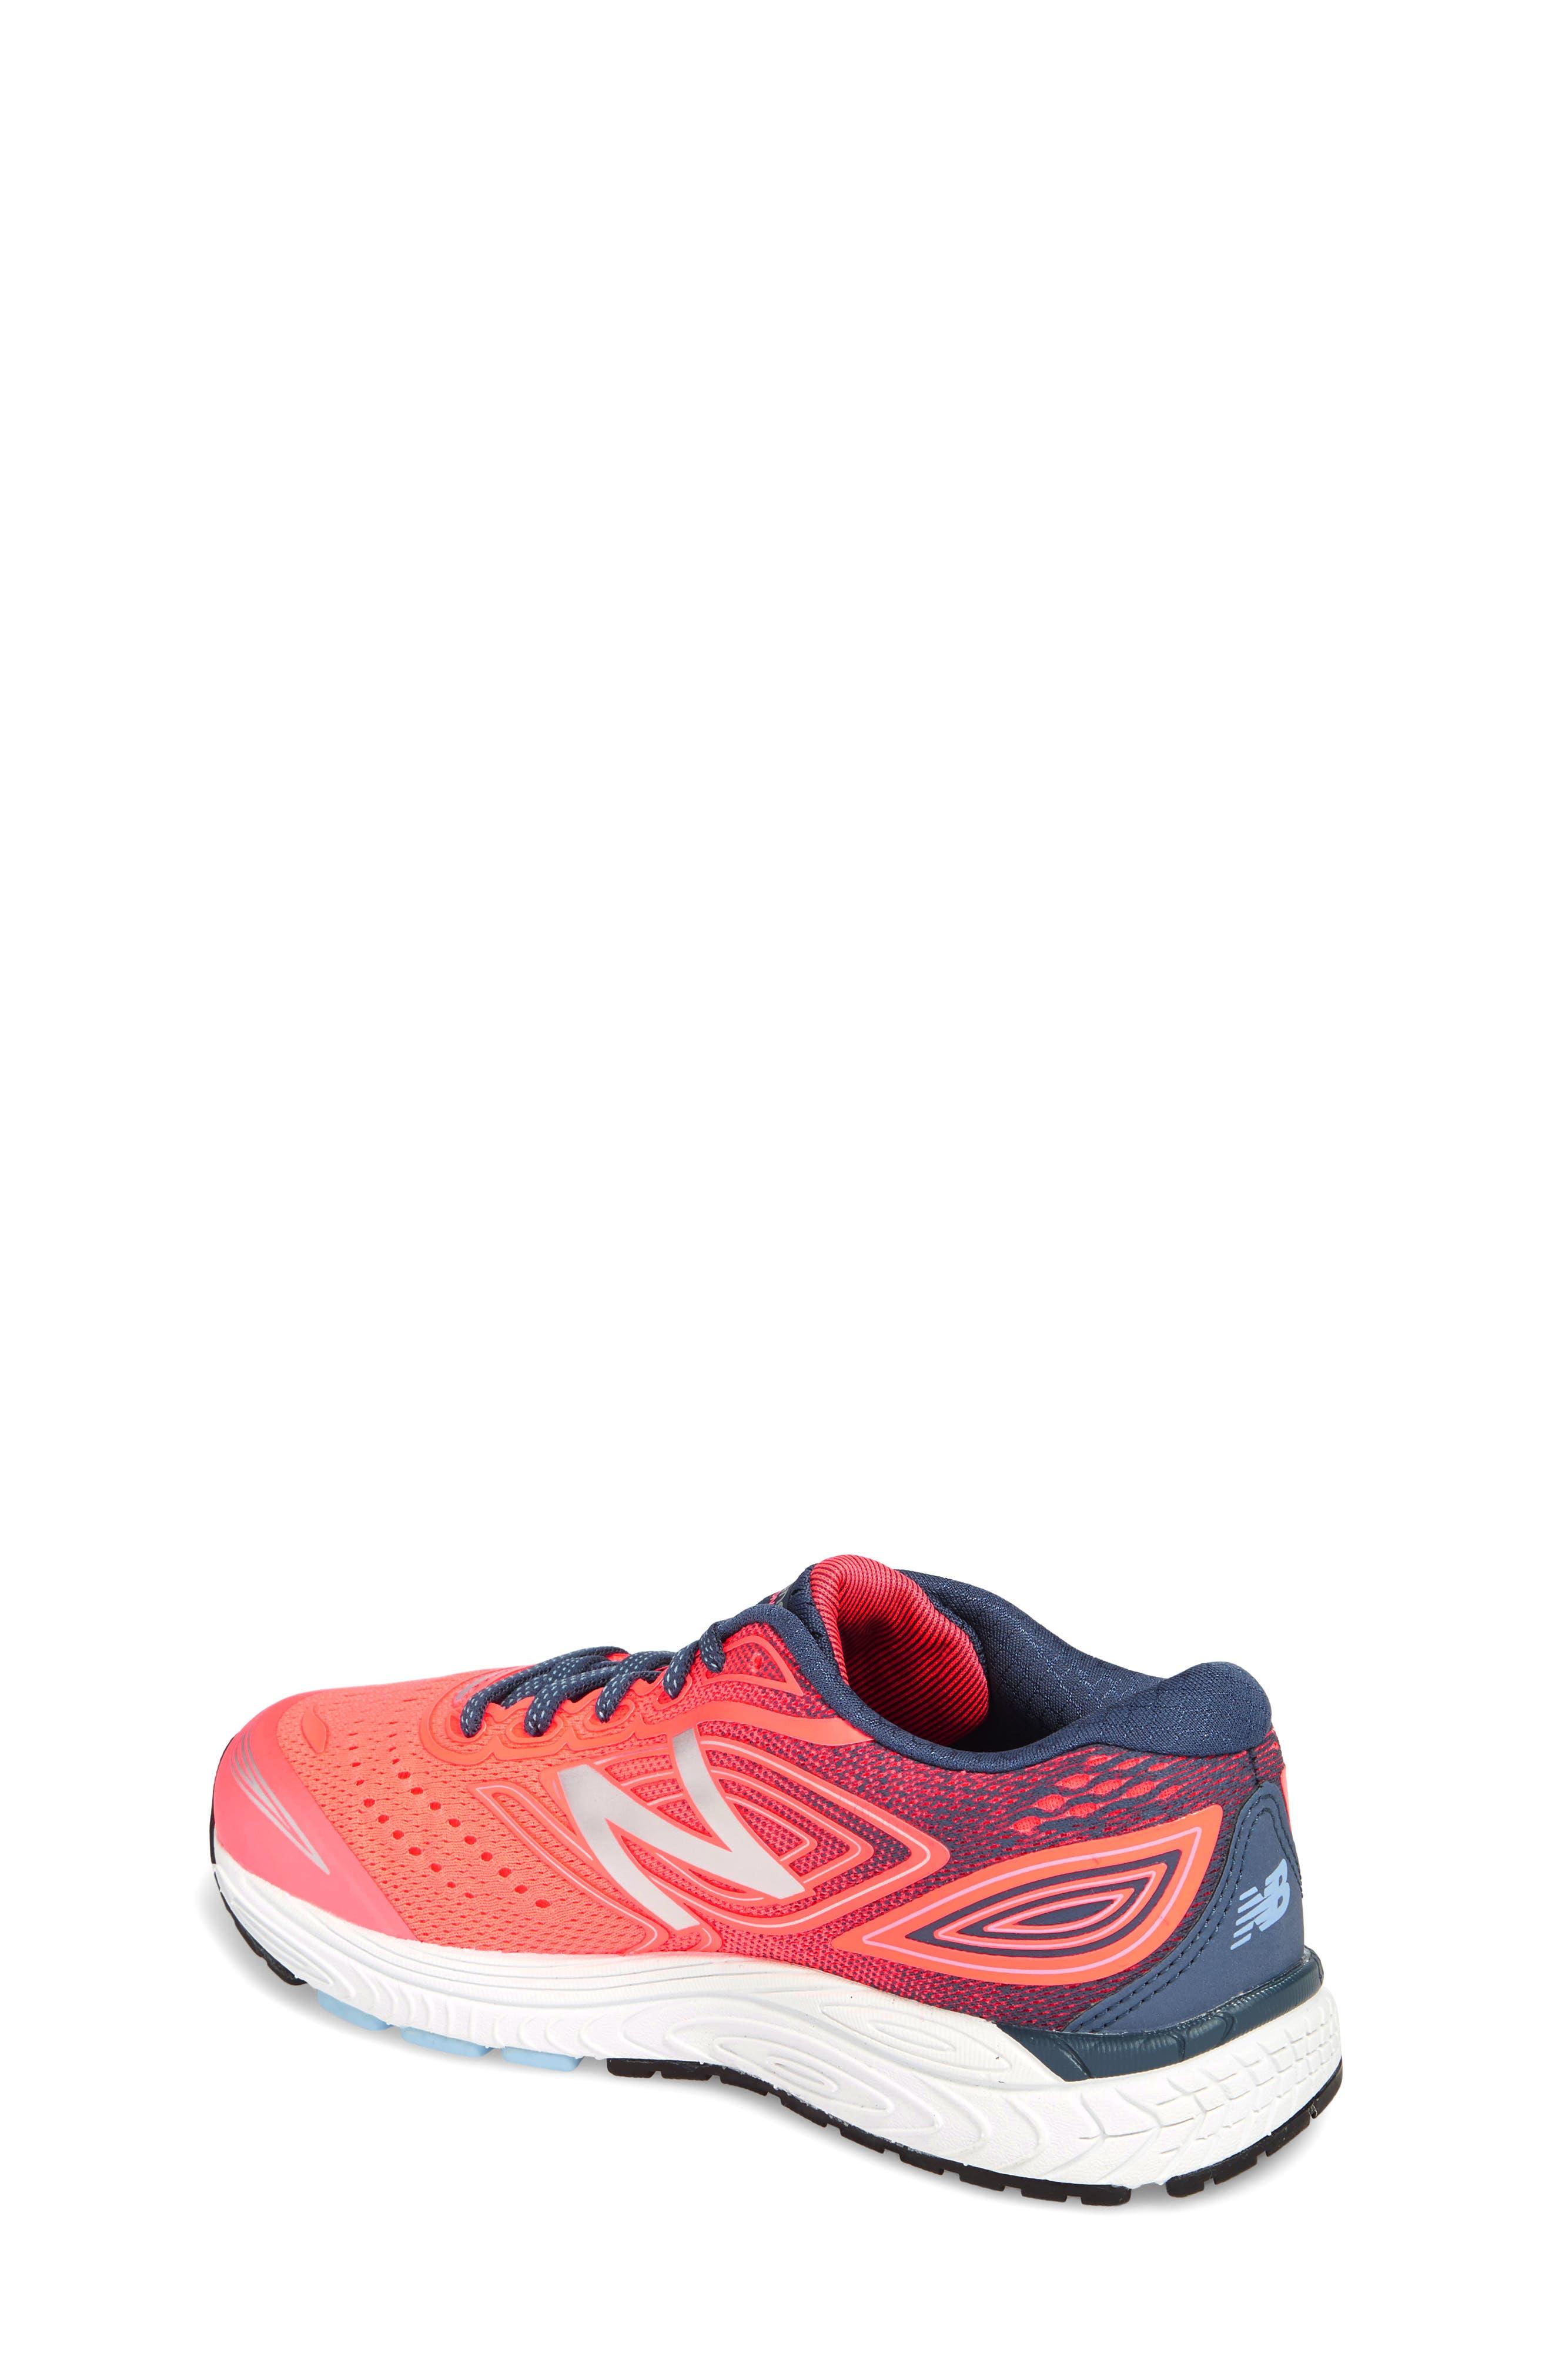 6c8428086a6 kids running shoe